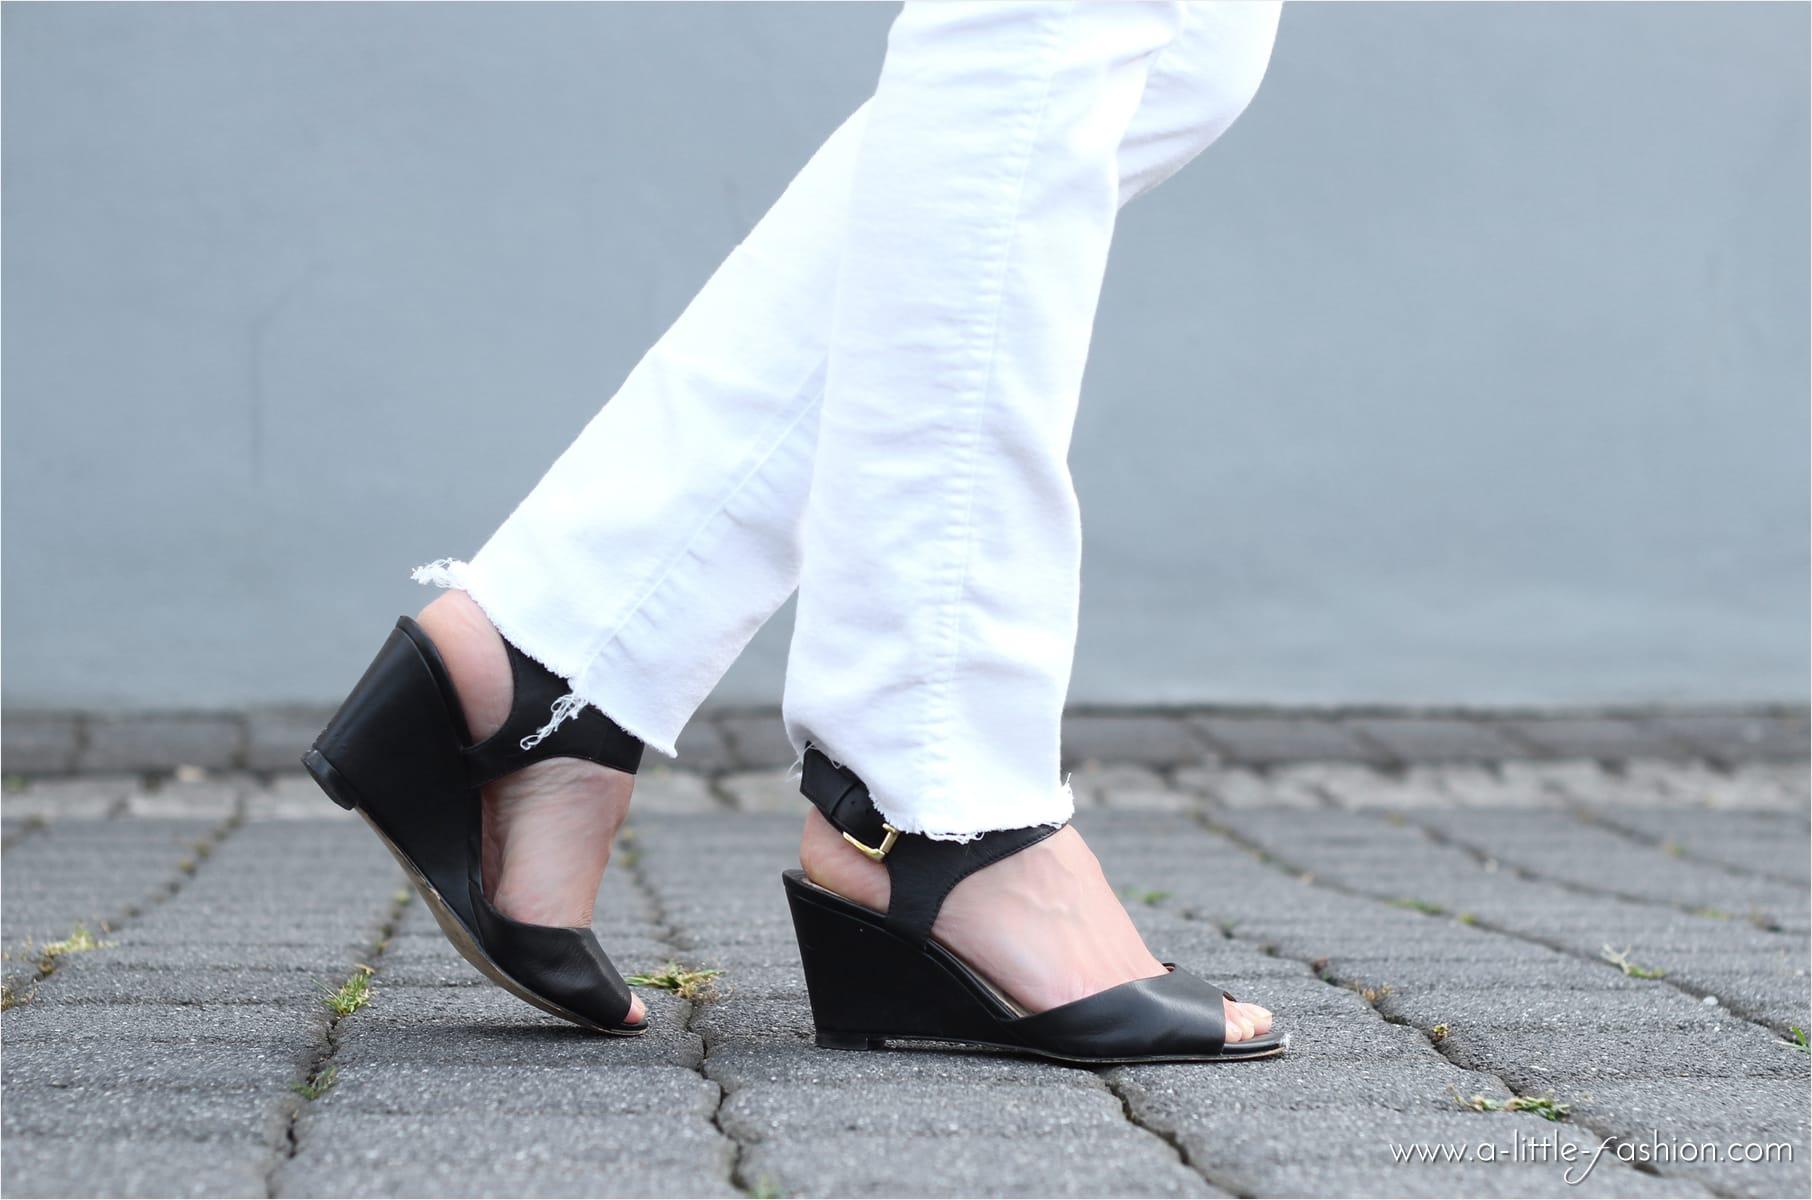 Dezente Looks mit Vintage-Teilen wie einer bestickten Tasche aufpeppen | A Little Fashion